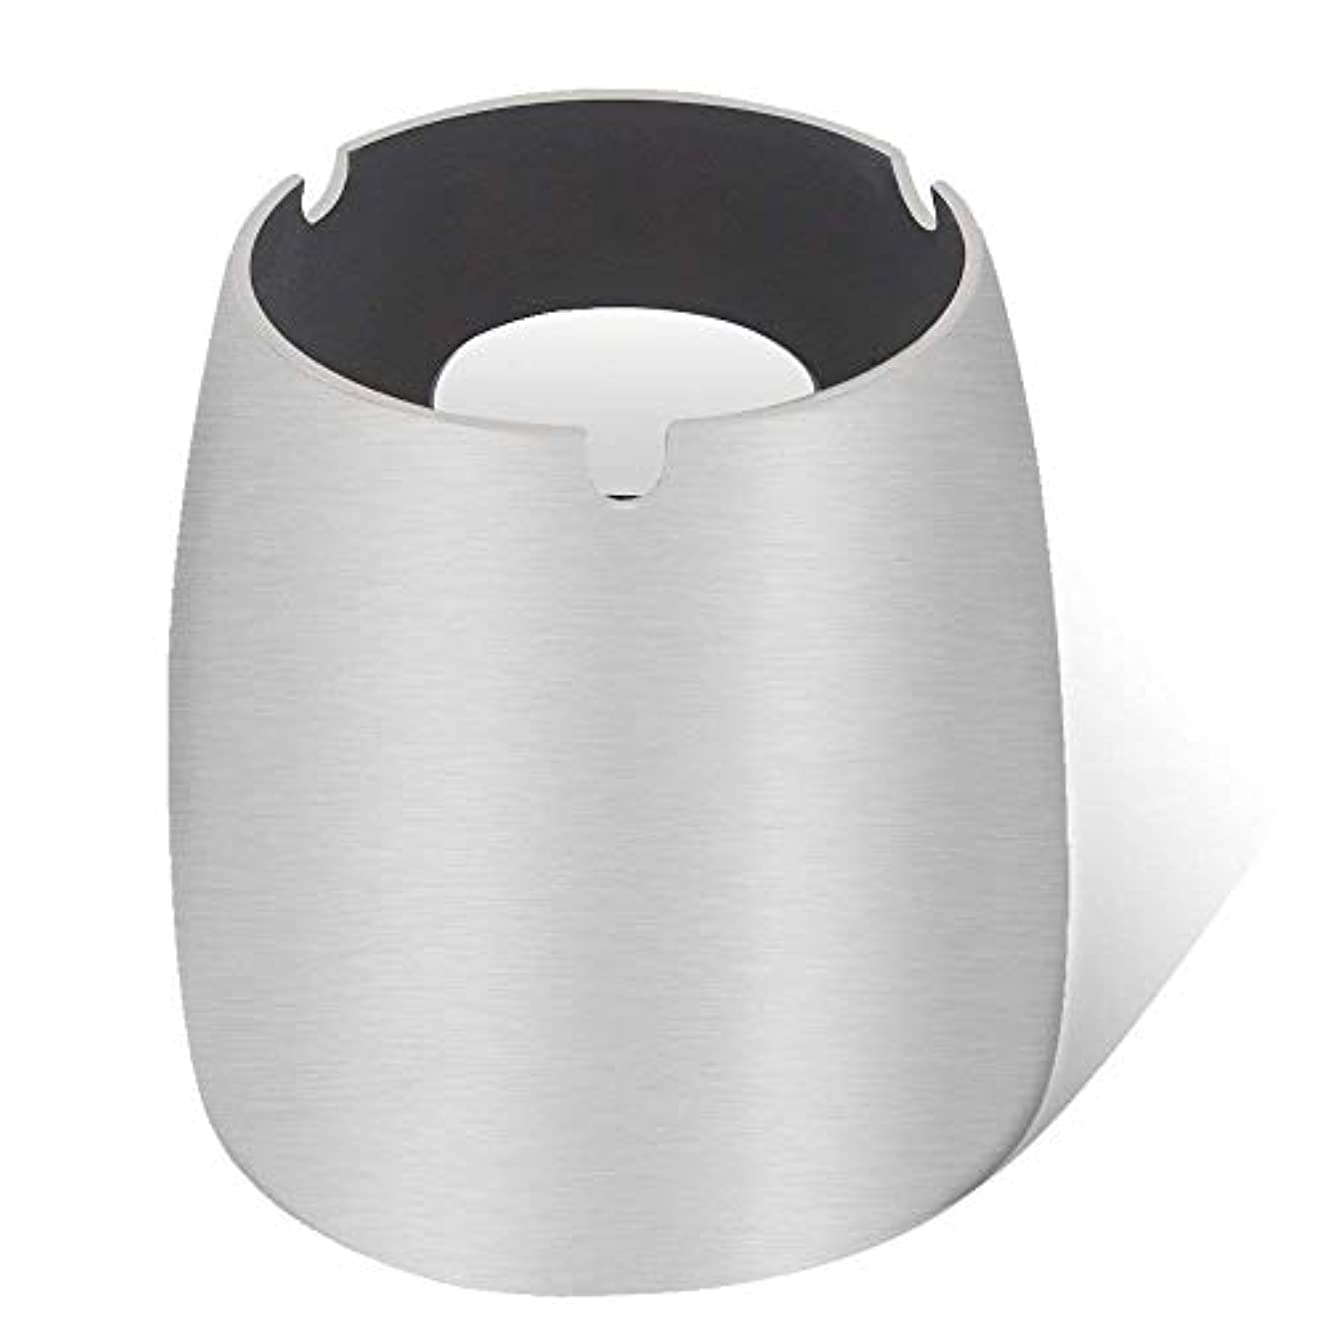 スリップフェードアウトオークランド灰皿、ステンレススチール風灰皿タンブルカップ、屋内または屋外用、ガーデンバルコニーシルバー